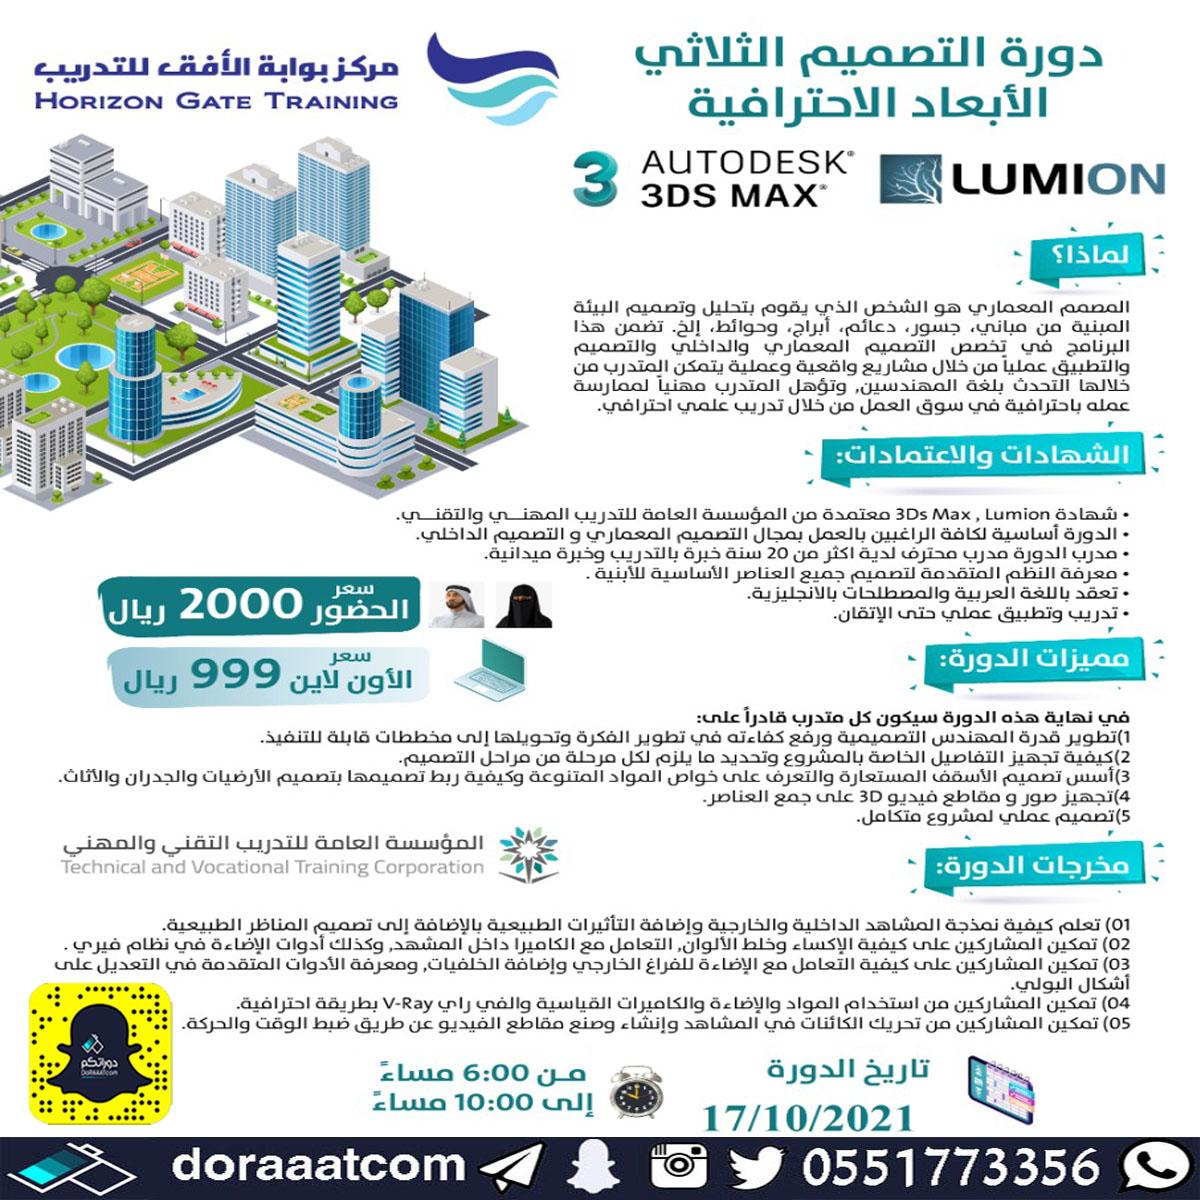 أون لاين – دورة التصميم الثلاثي الأبعاد الاحترافية 3D MAX + LUMION 10